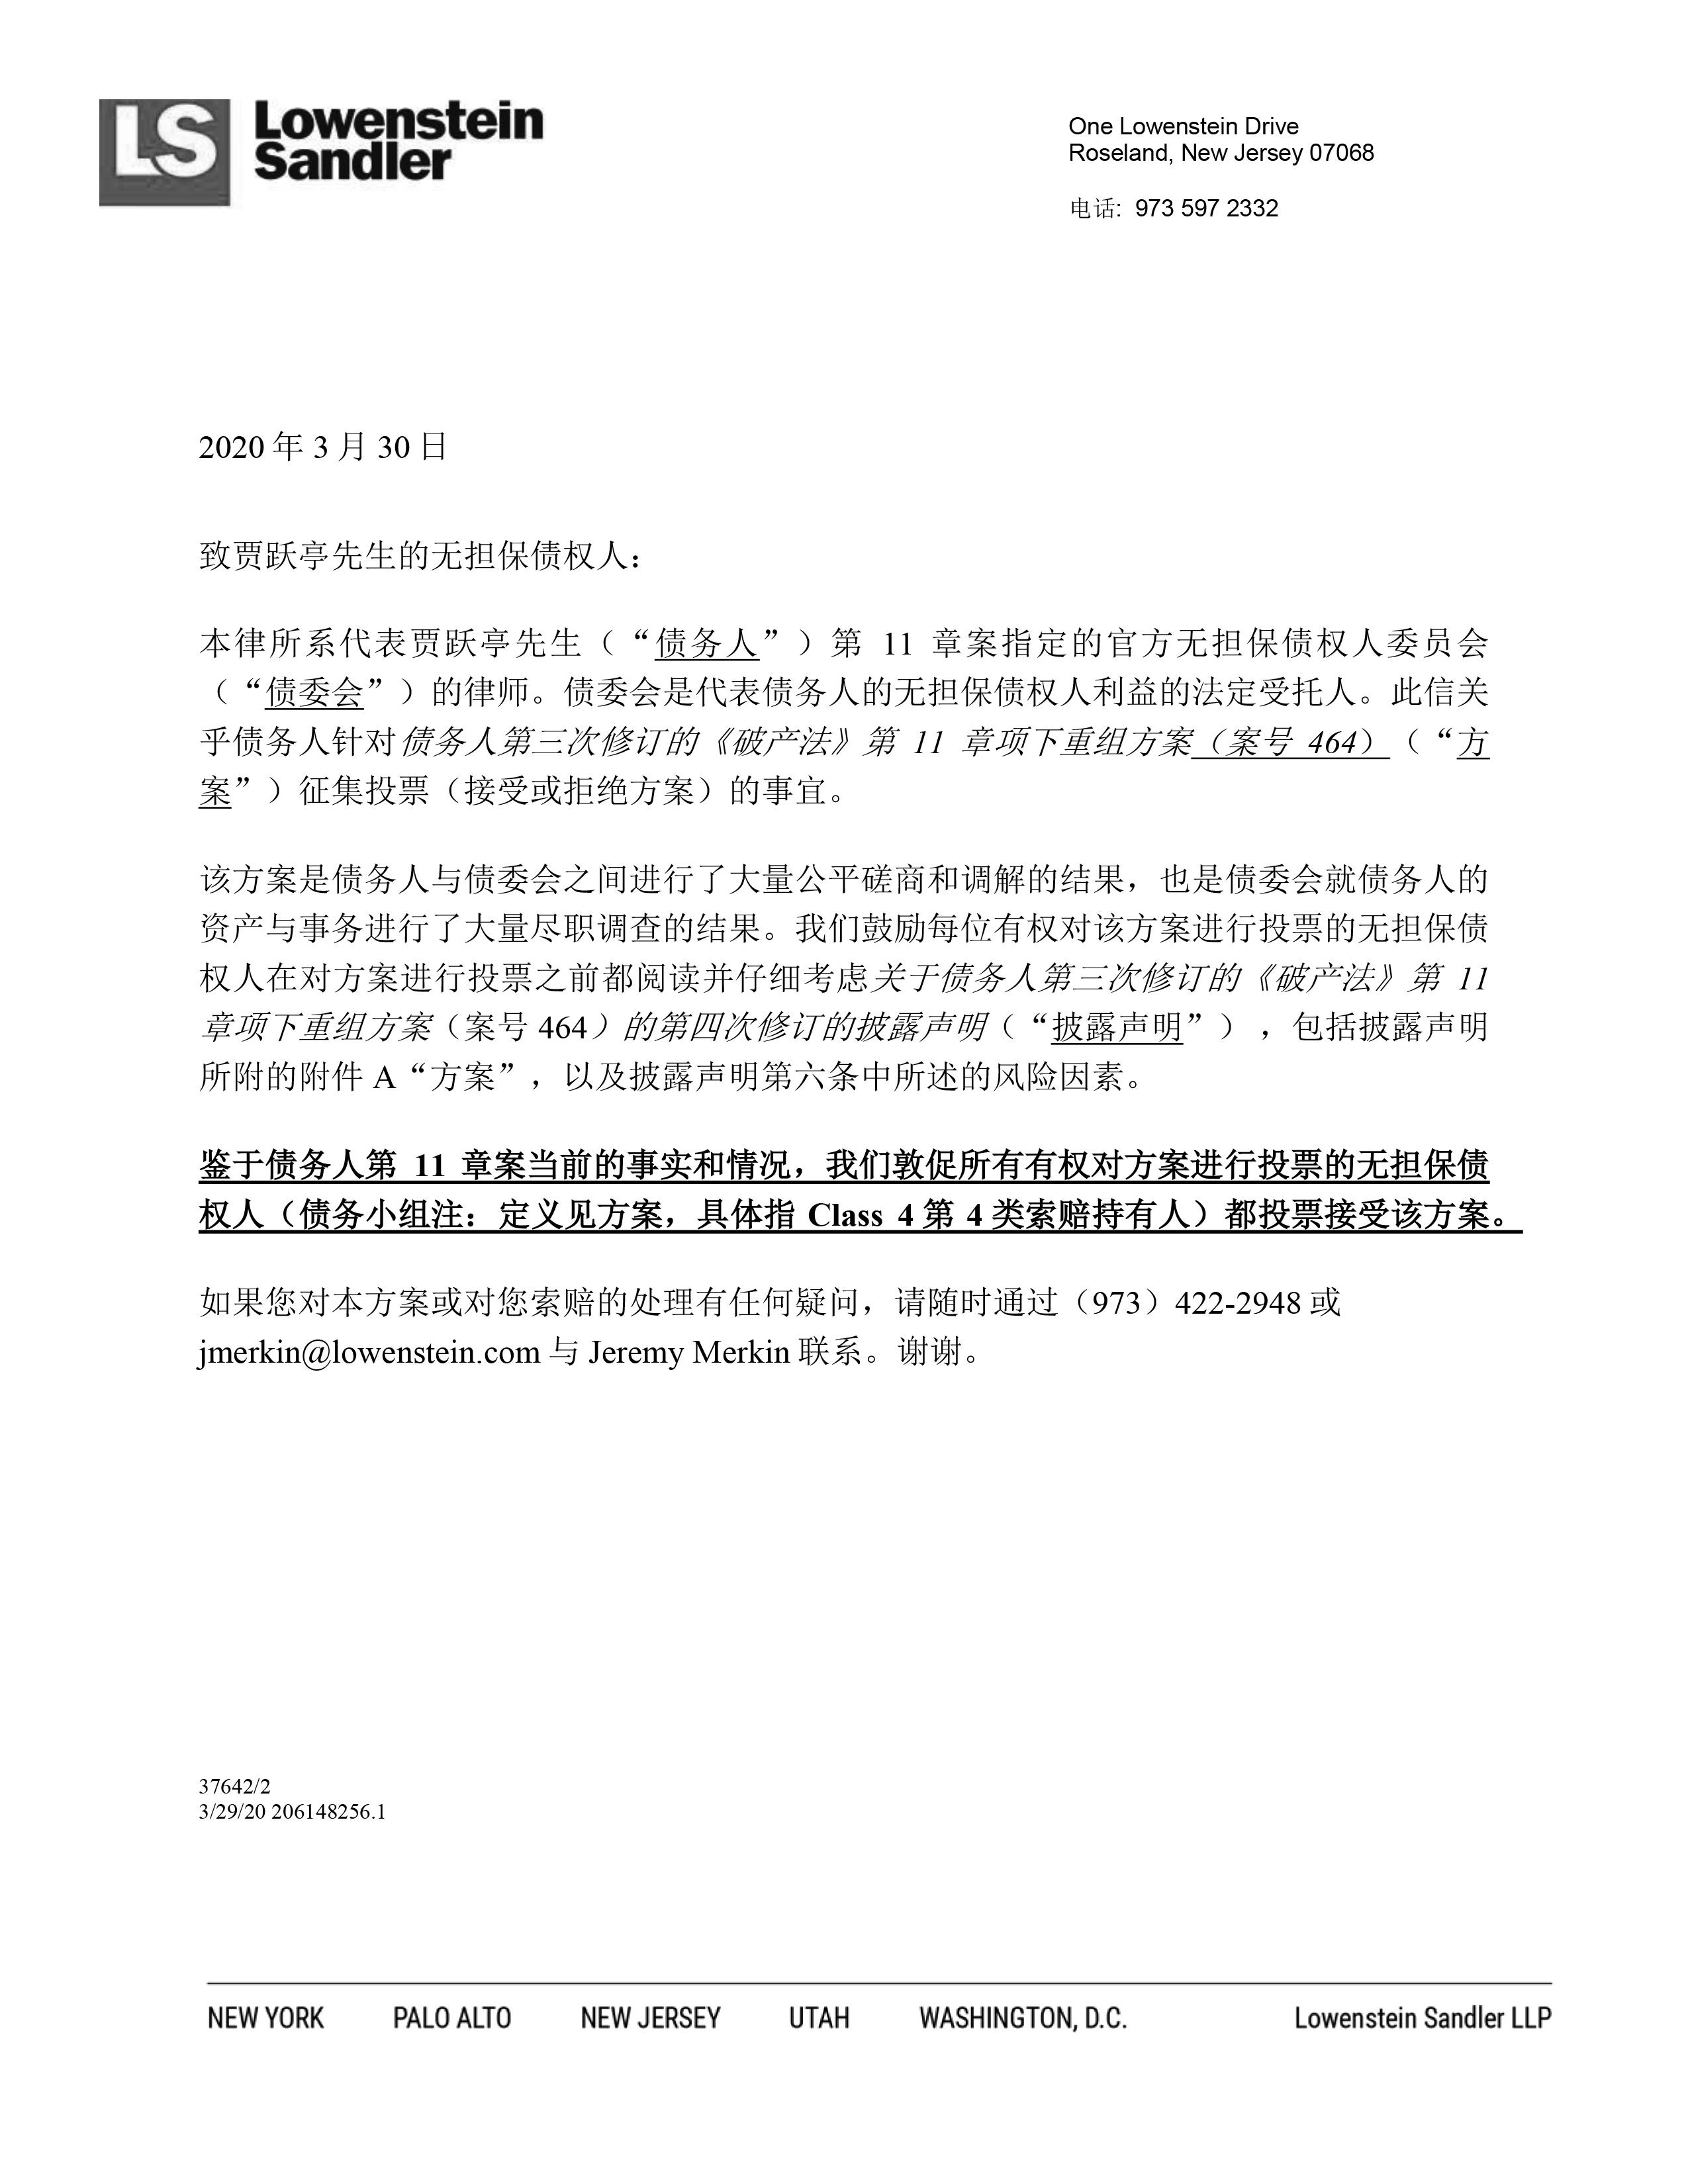 贾跃亭破产重组案开启债权人投票 预计3周内完成